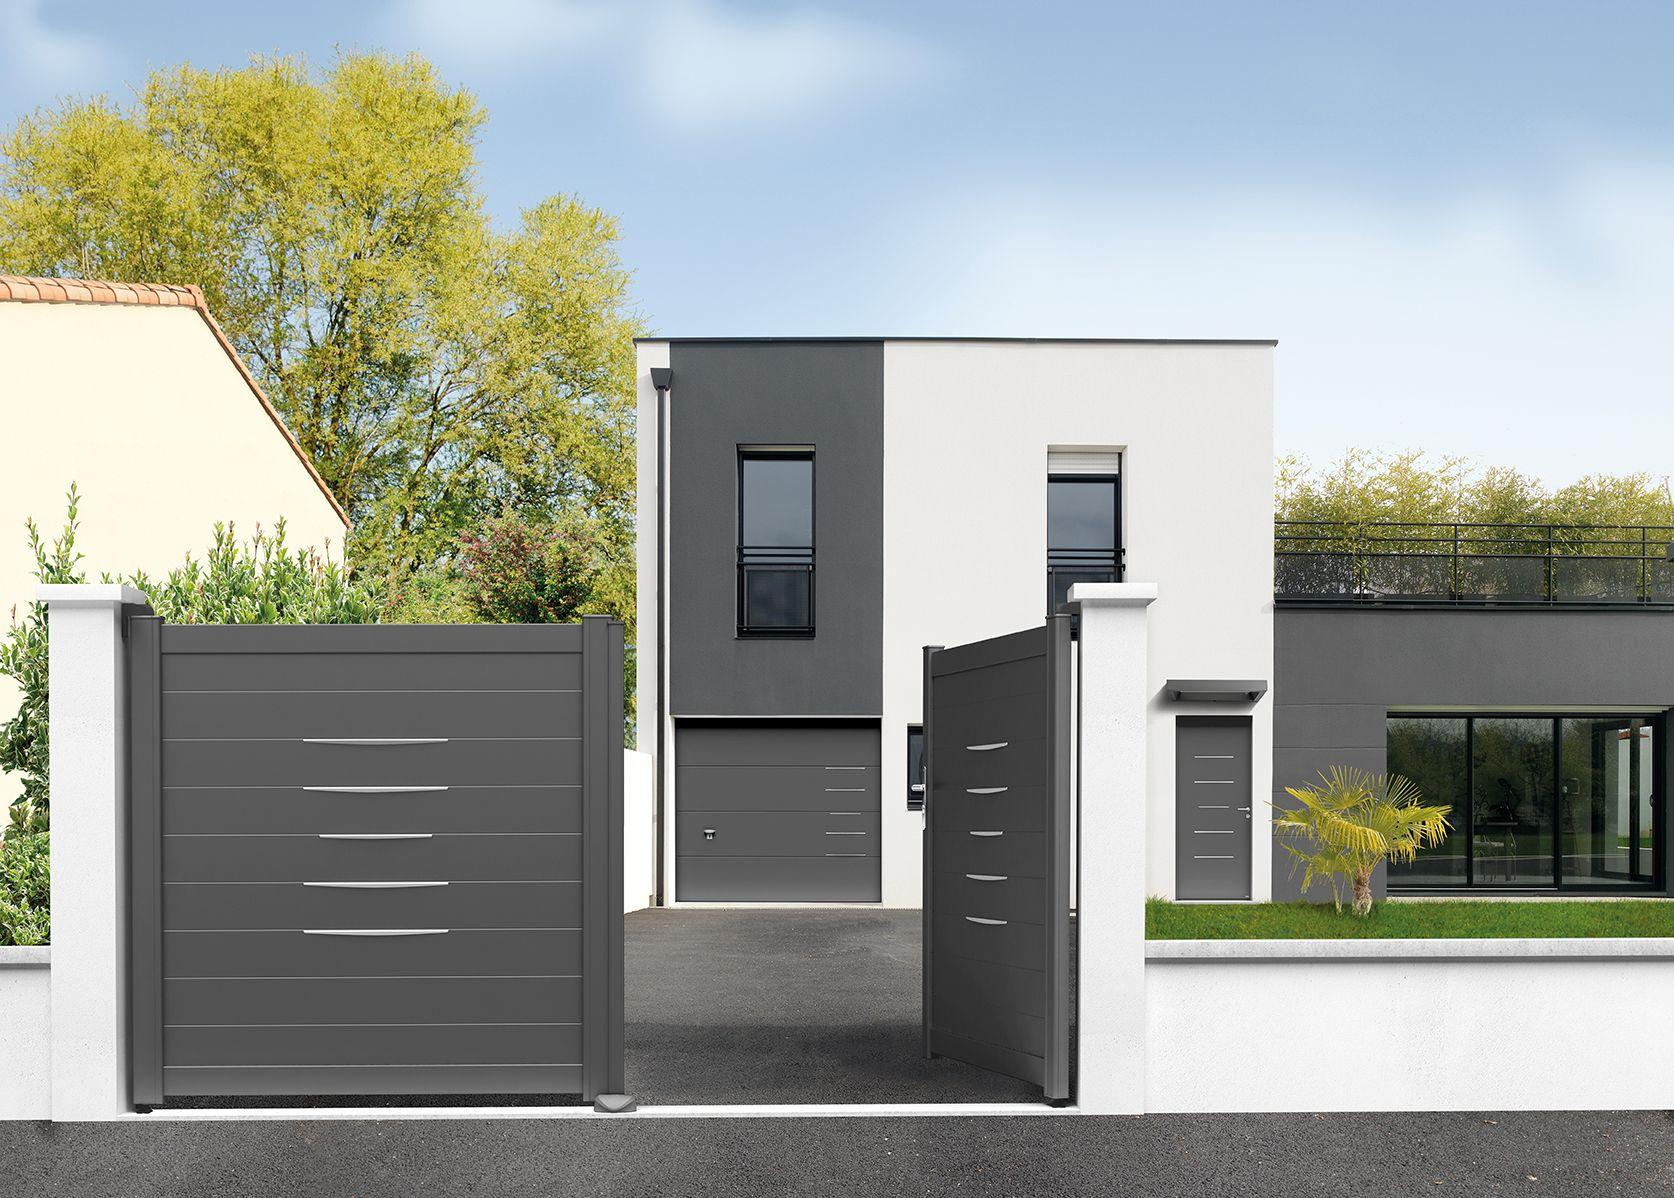 Porte d 39 entr e aluminium contemporaine sans vitrage une porte pleine habill e de baguettes for Porte entree alu contemporaine